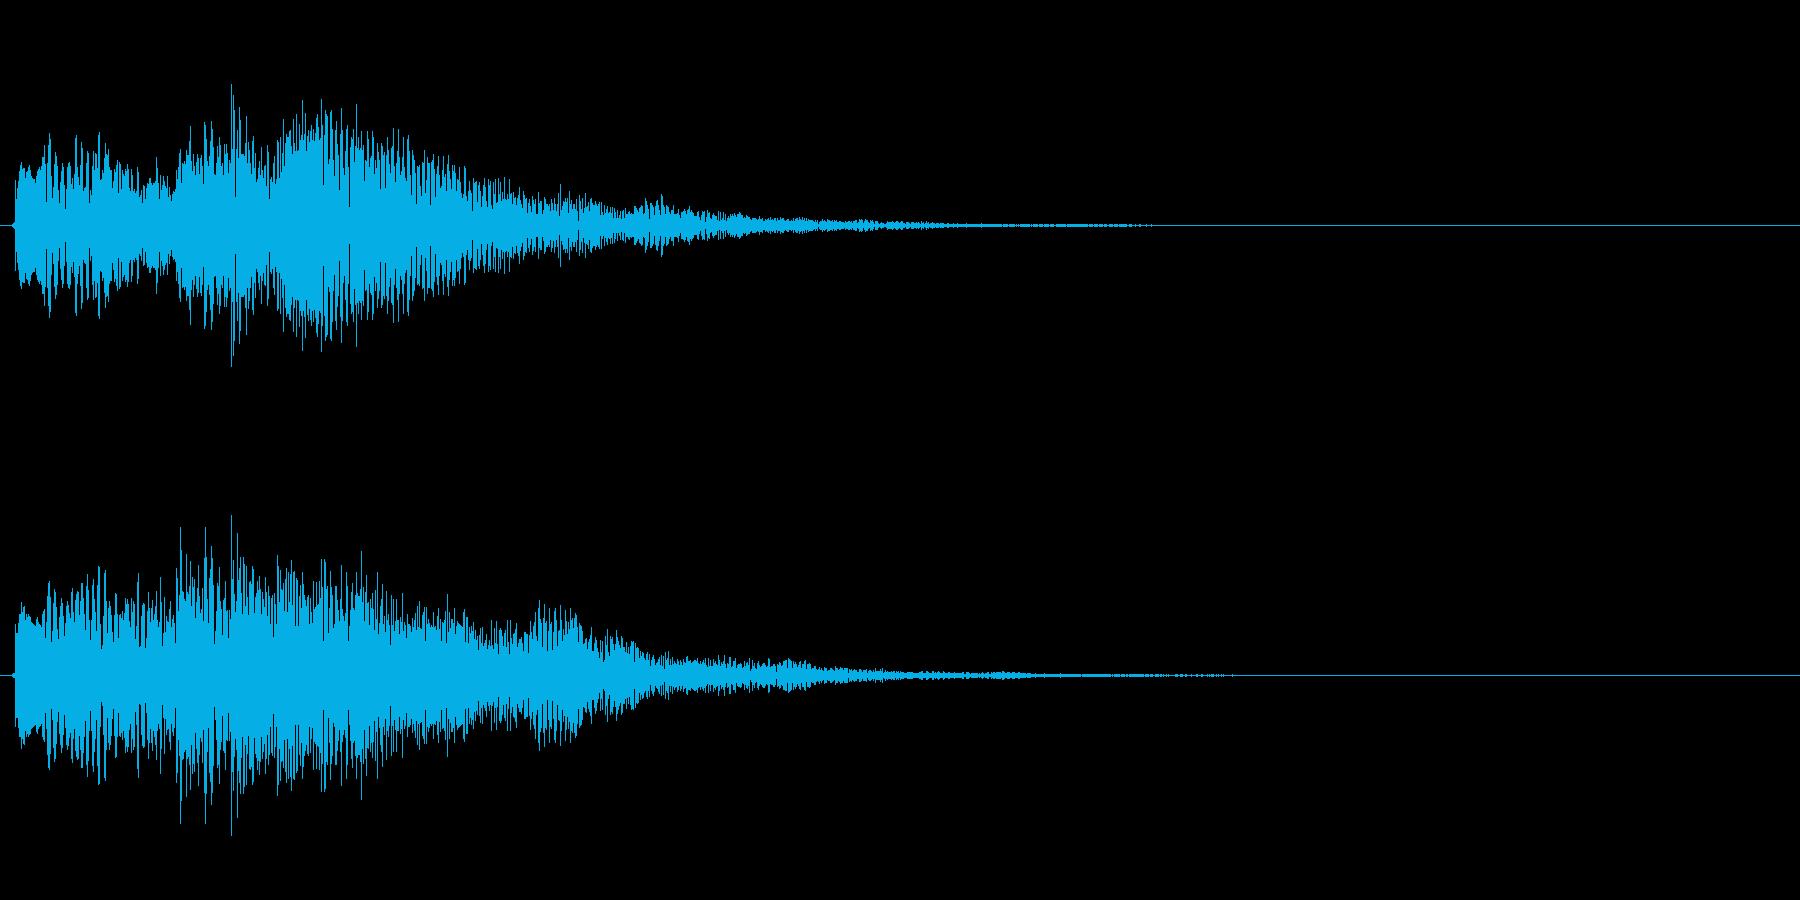 キラキラしたベルの上昇音5の再生済みの波形